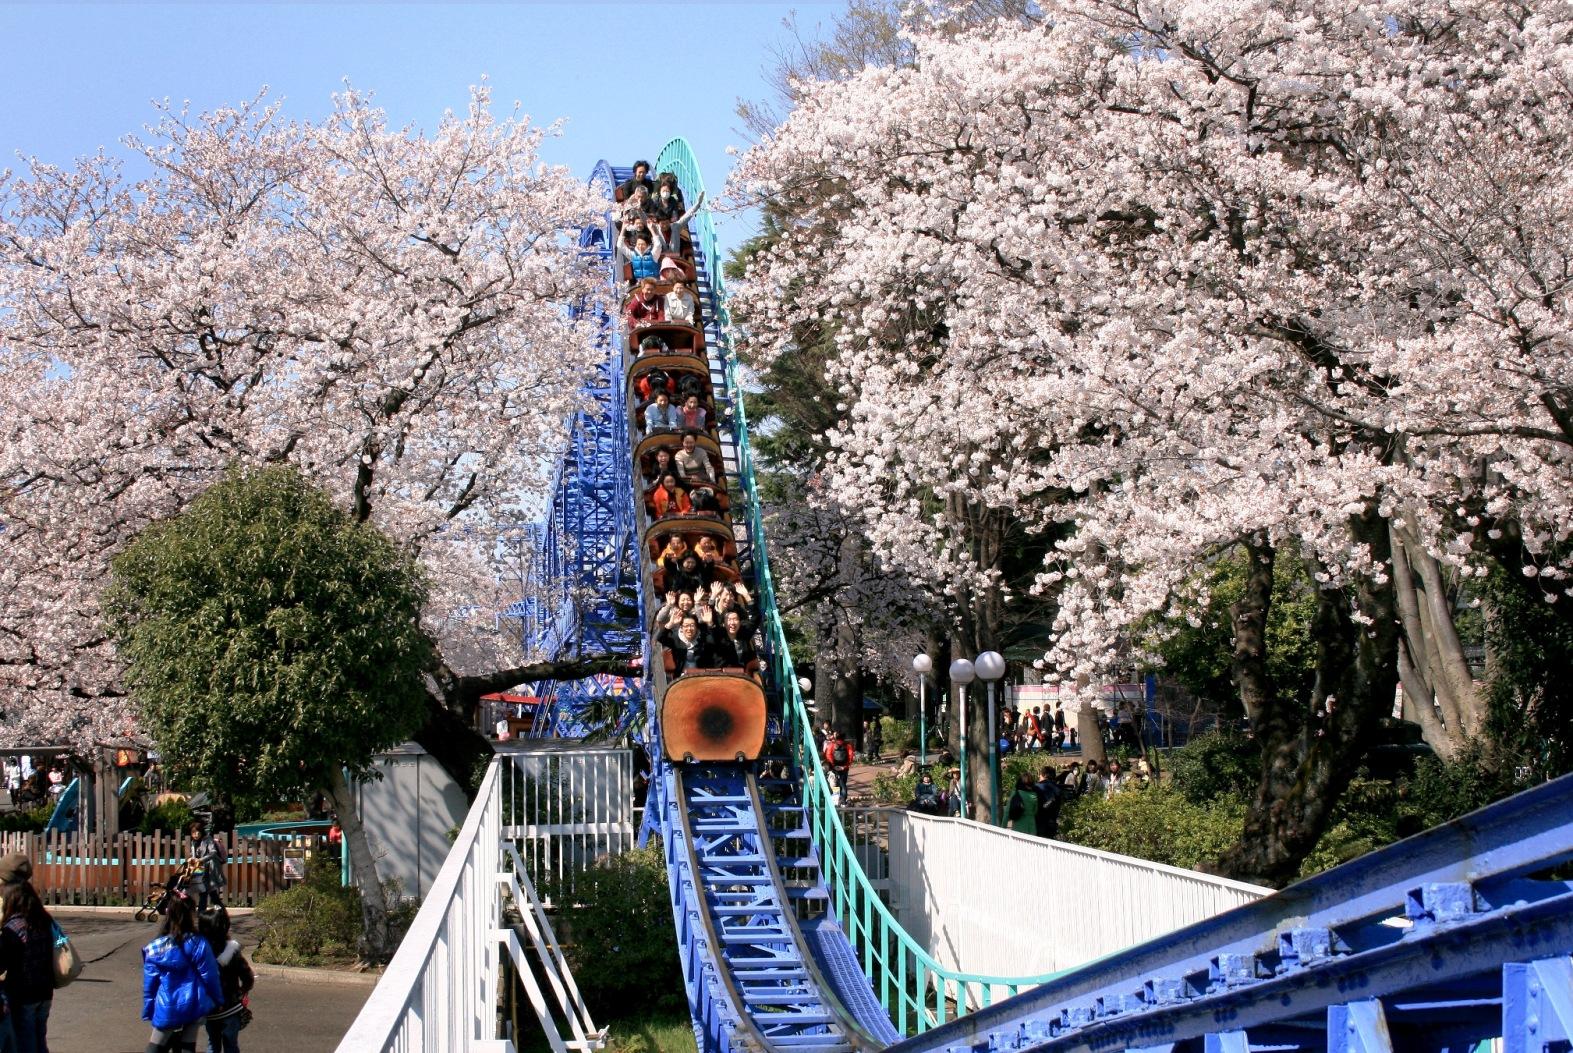 豊島園の遊園地がとっても楽しい♡ぜひ家族のお出かけに参考にのサムネイル画像